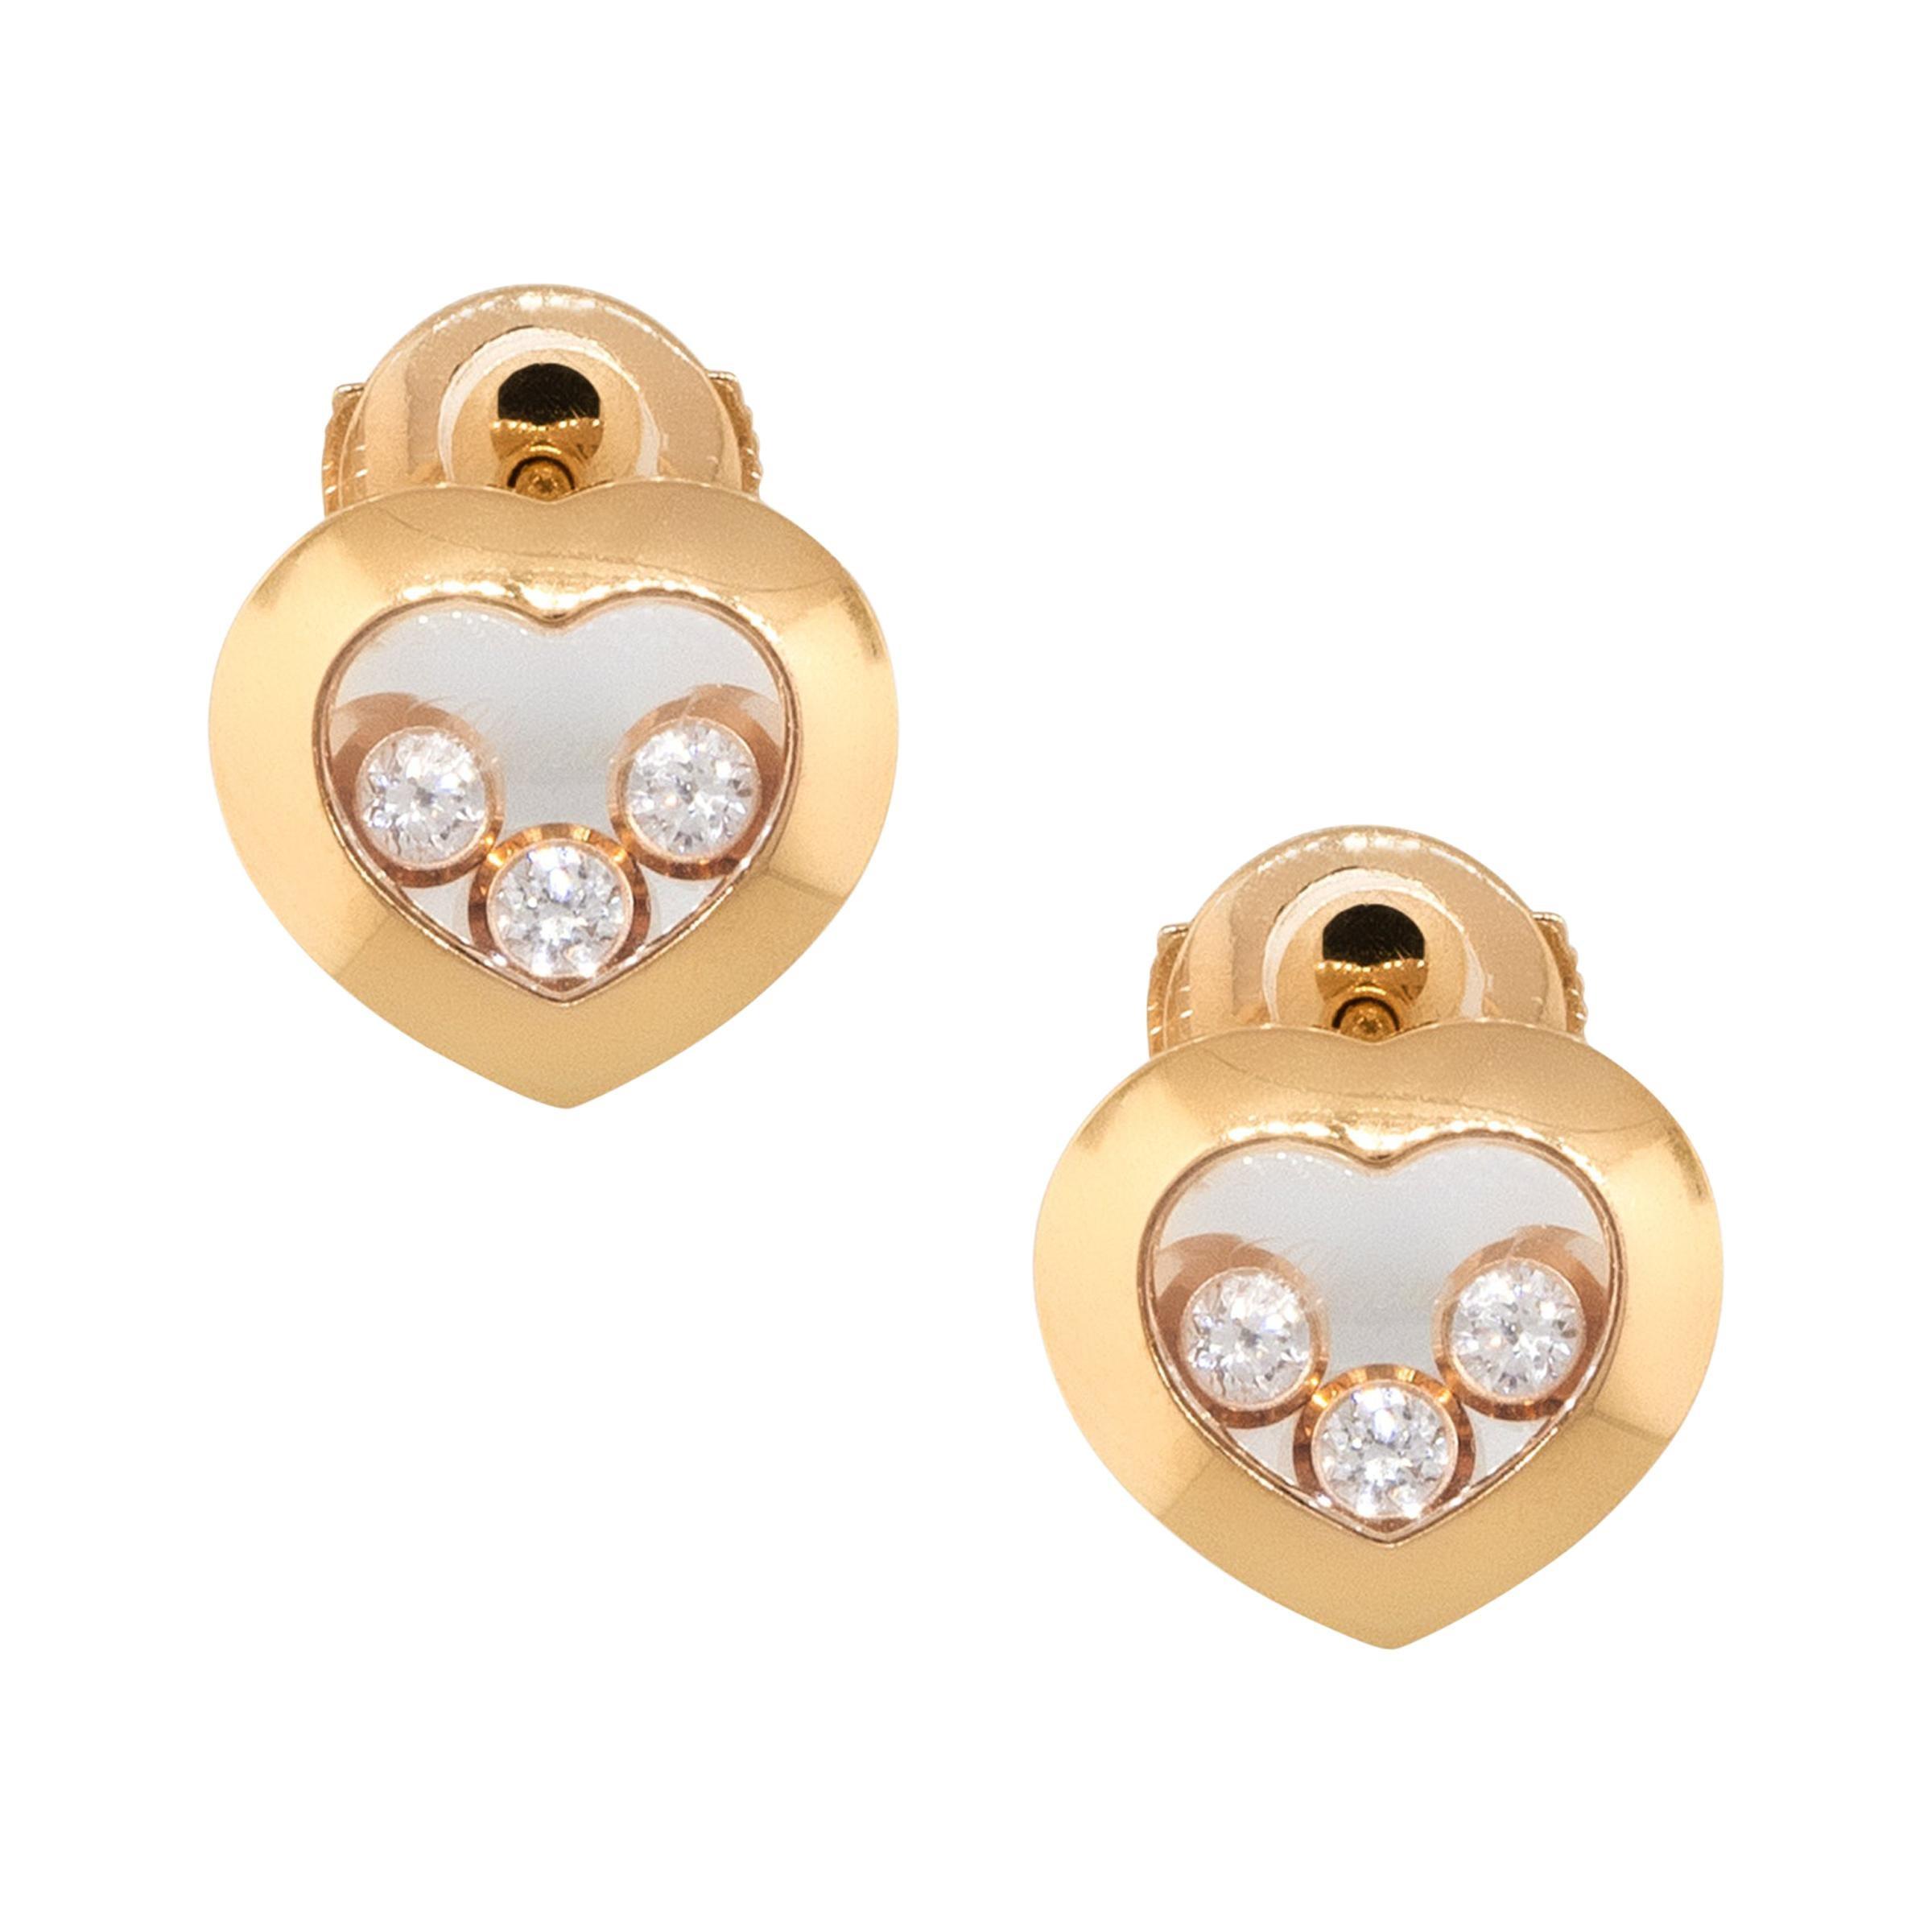 Chopard 18k Rose Gold Happy Diamond Heart Earrings